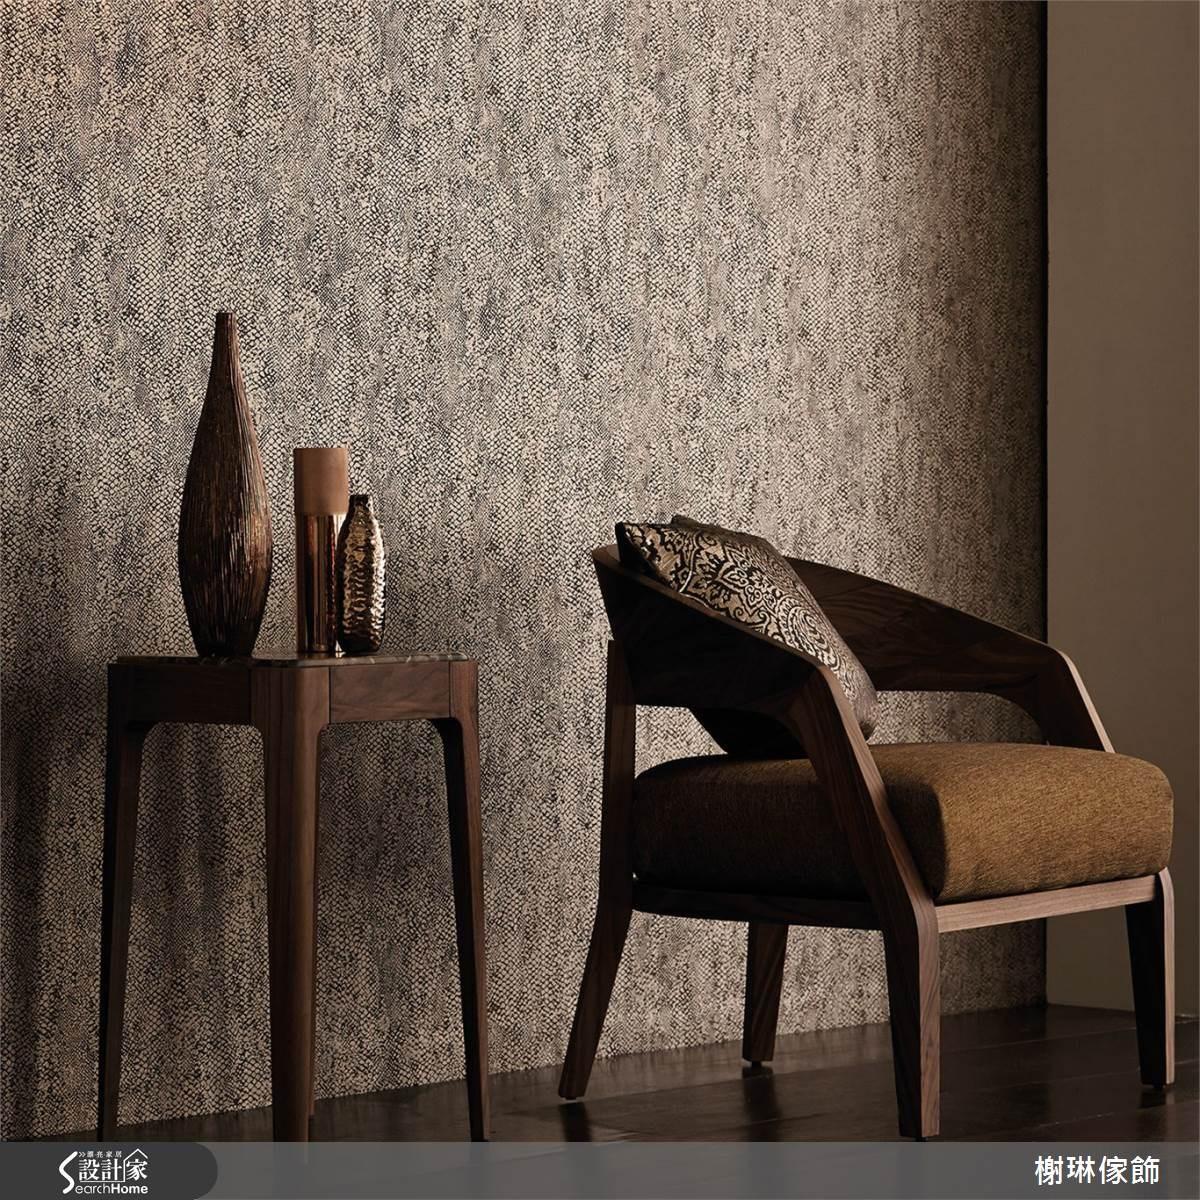 _案例圖片_榭琳傢飾設計公司_榭琳傢飾-窗簾,壁紙,傢俱_ Anthology 2之1